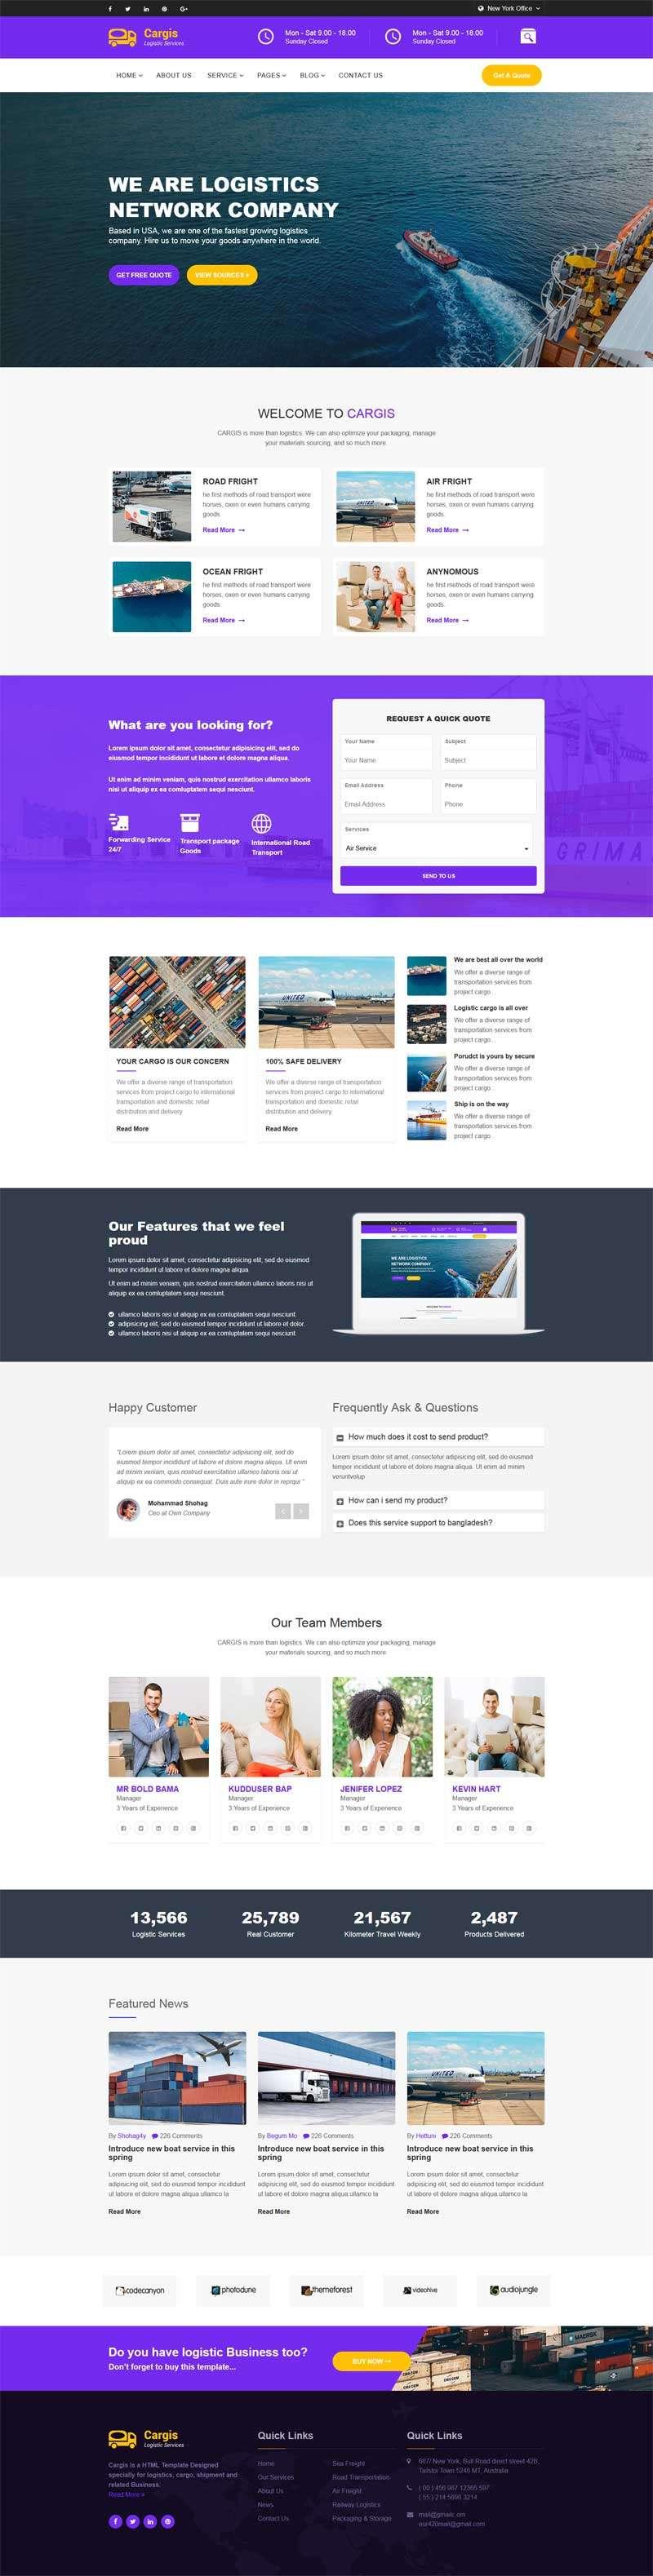 响应式的物流运输行业网站模板